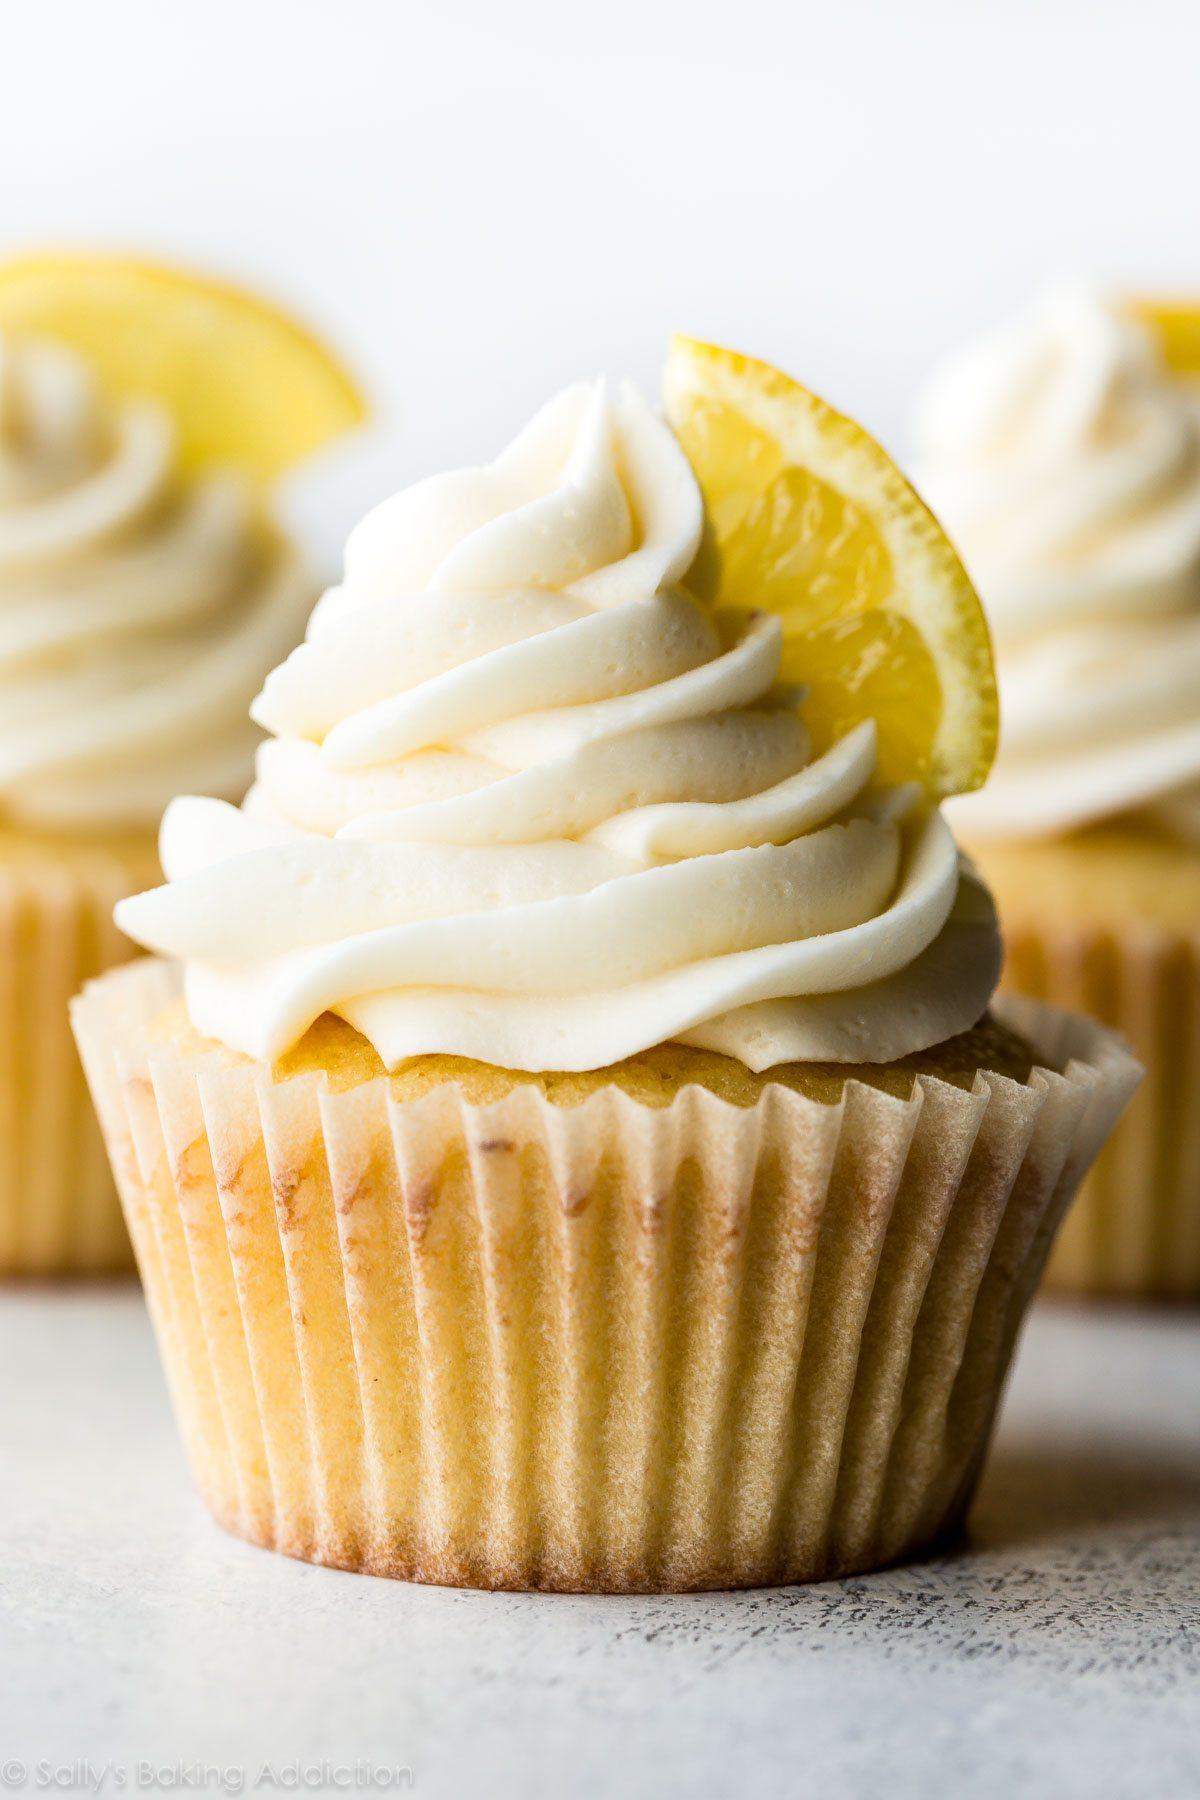 Ces petits gâteaux au citron maison sucrés au soleil avec glaçage à la vanille sont incroyablement doux et débordant de saveur de citron! Recette sur sallysbakingaddiction.com